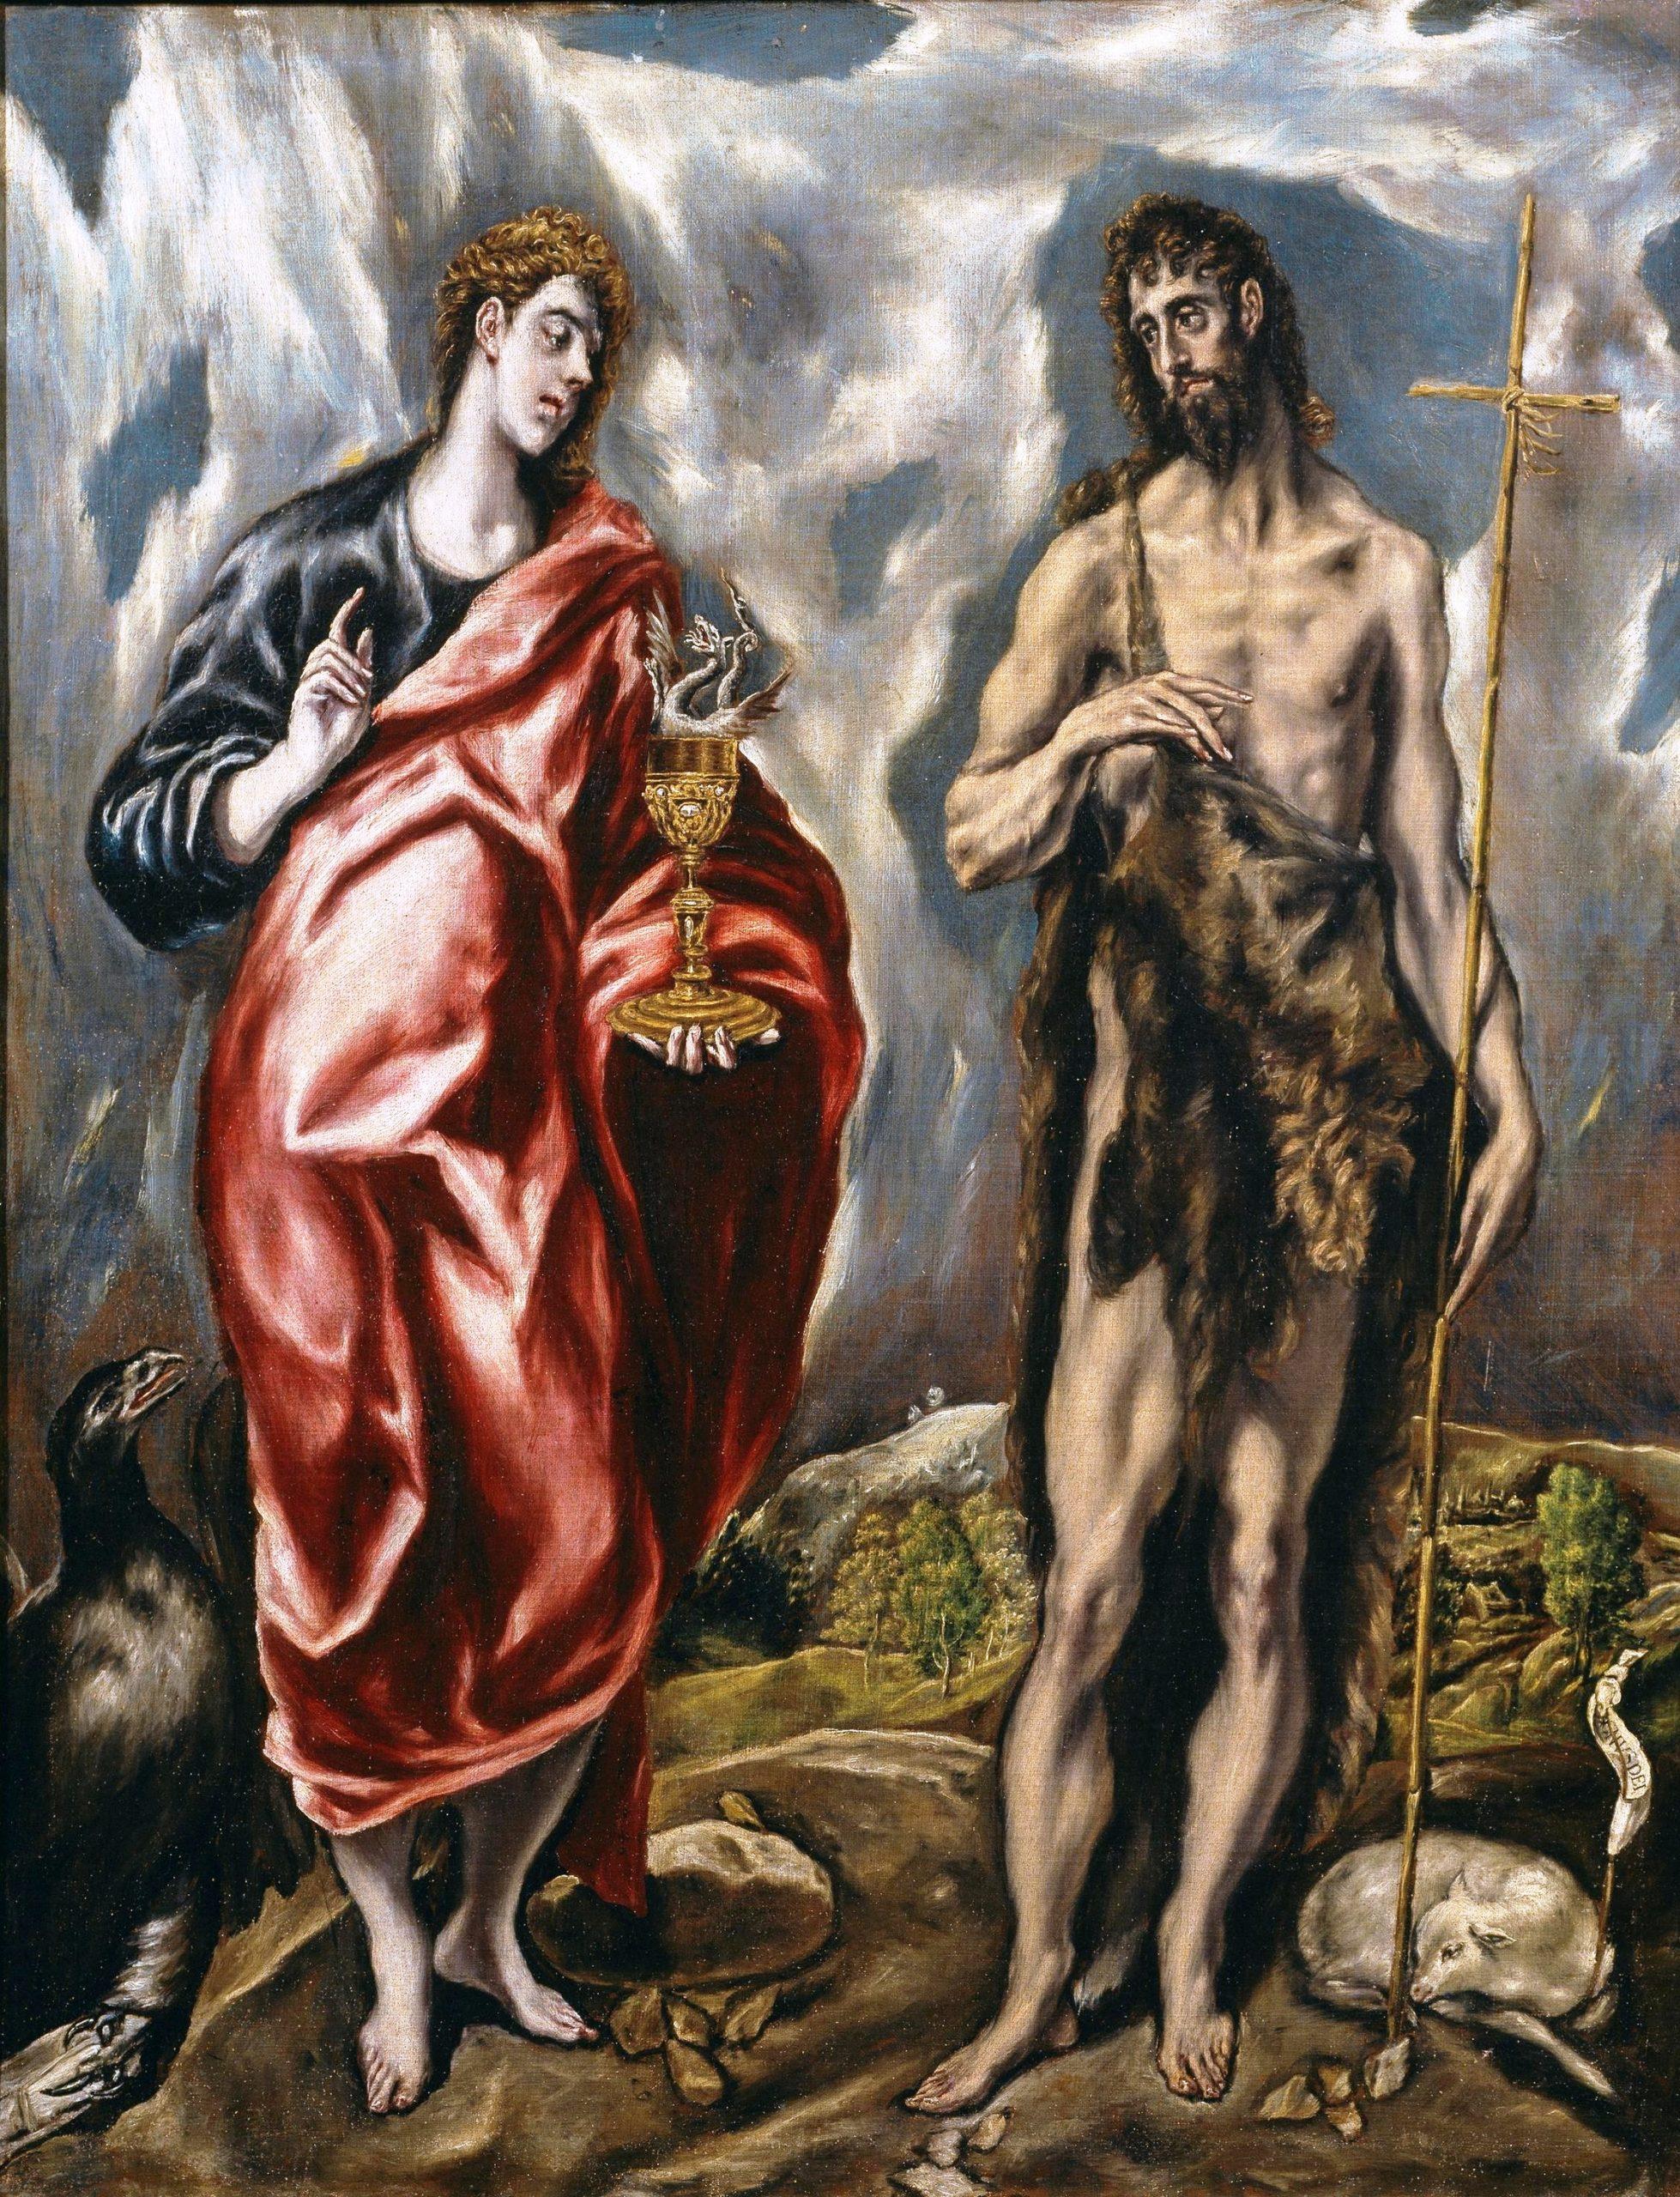 Solstice d'été, solstice d'hiver: Saint Jean-Baptiste et saint Jean l'évangéliste